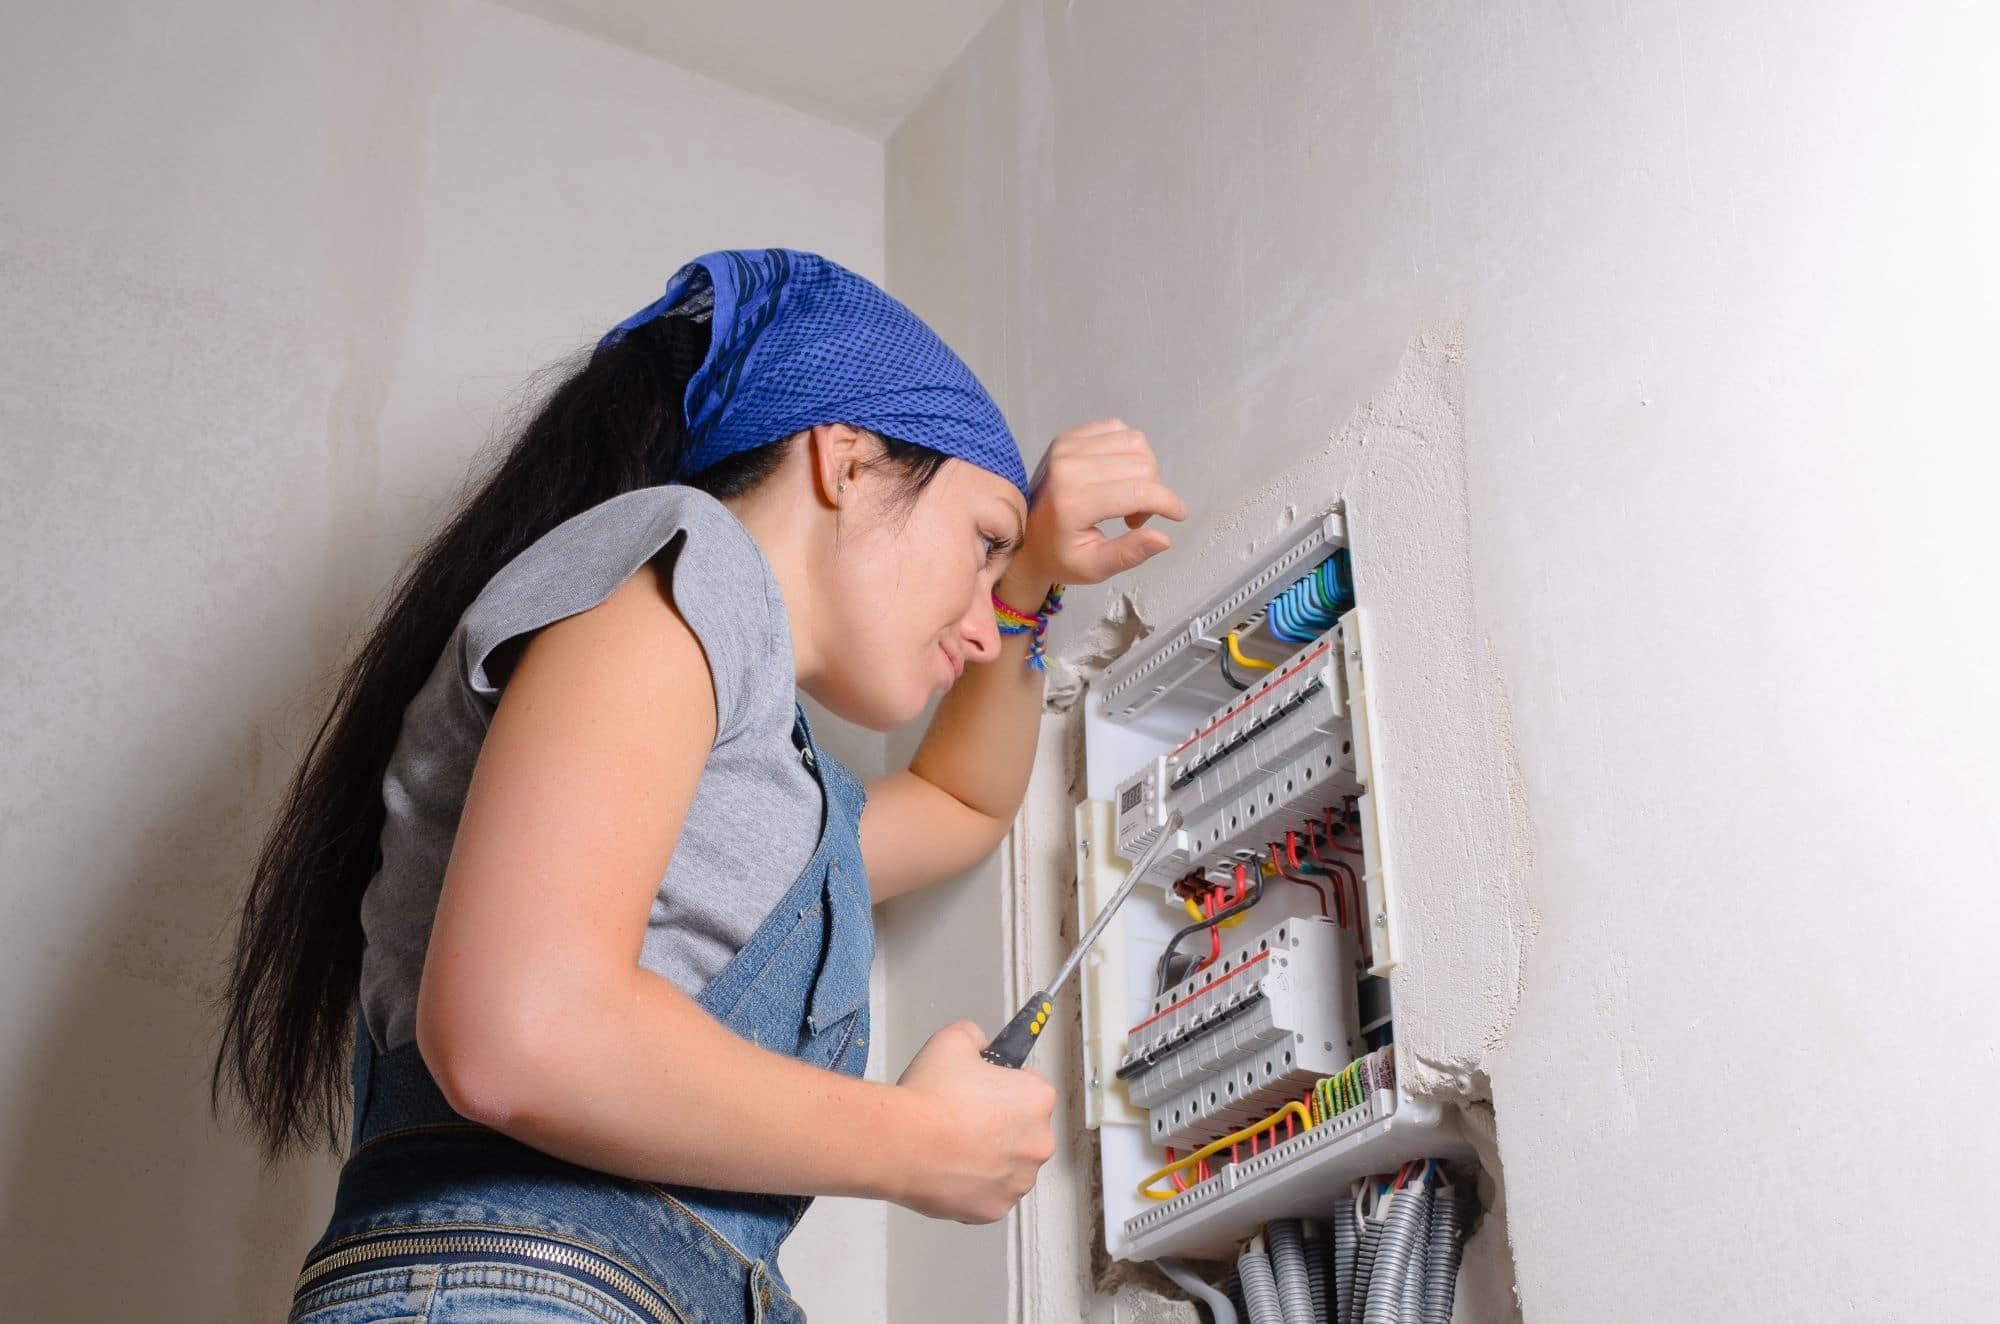 circuit breakers keep tripping